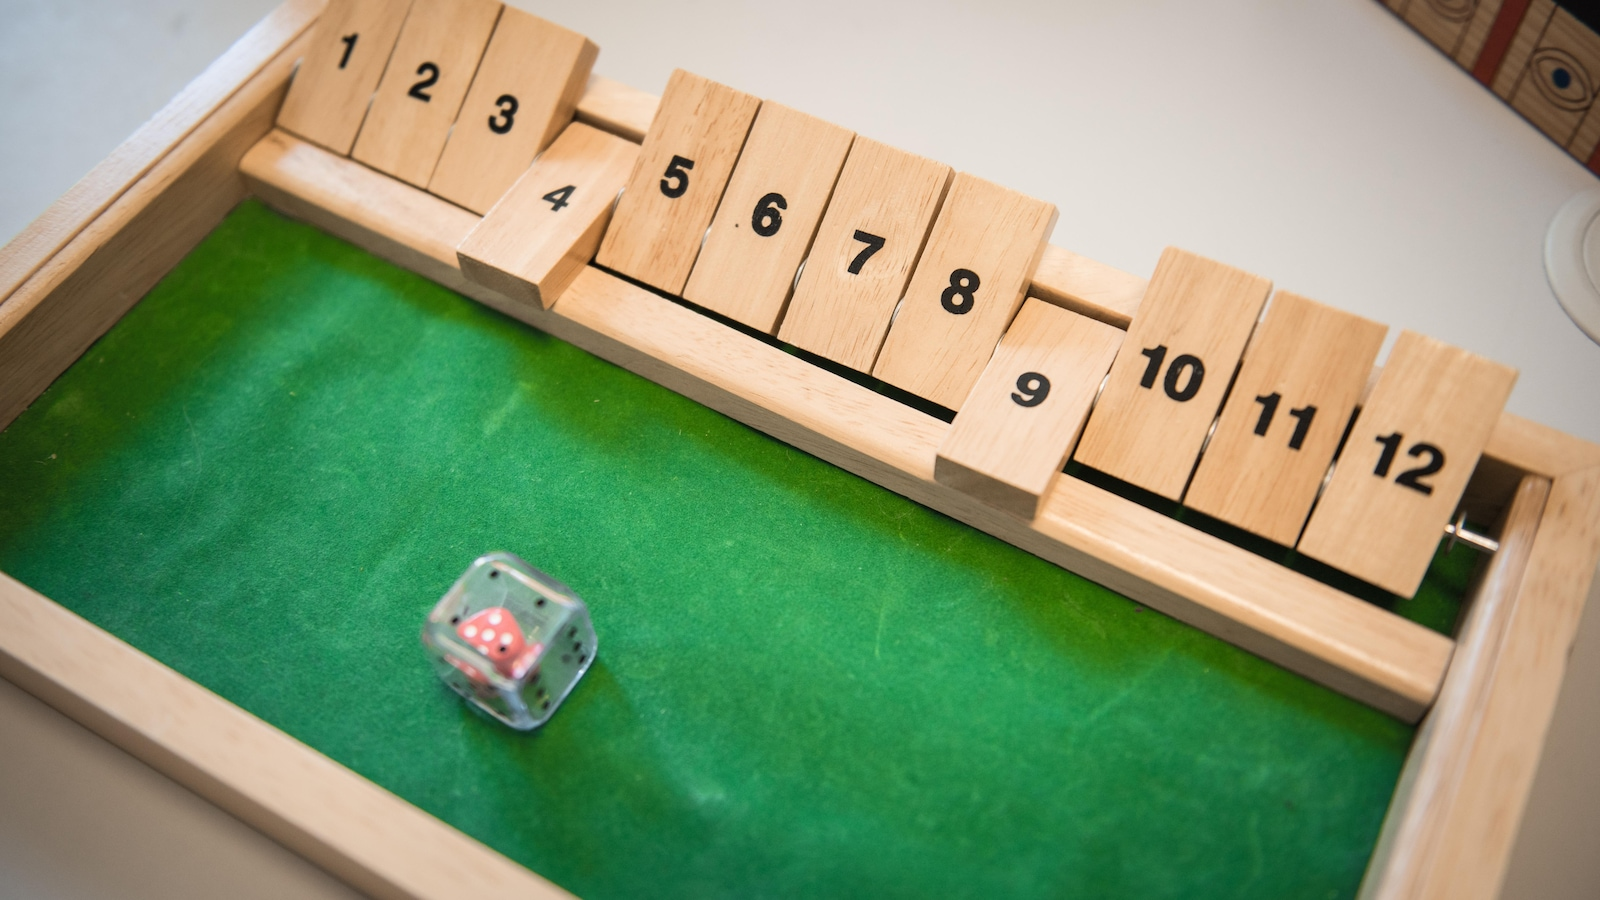 Une boite en boite au fond vert qui contient douze morceaux de bois alignés sur une tige de métal et un dés en plastique transparent avec un autre dé rouge à l'intérieur.